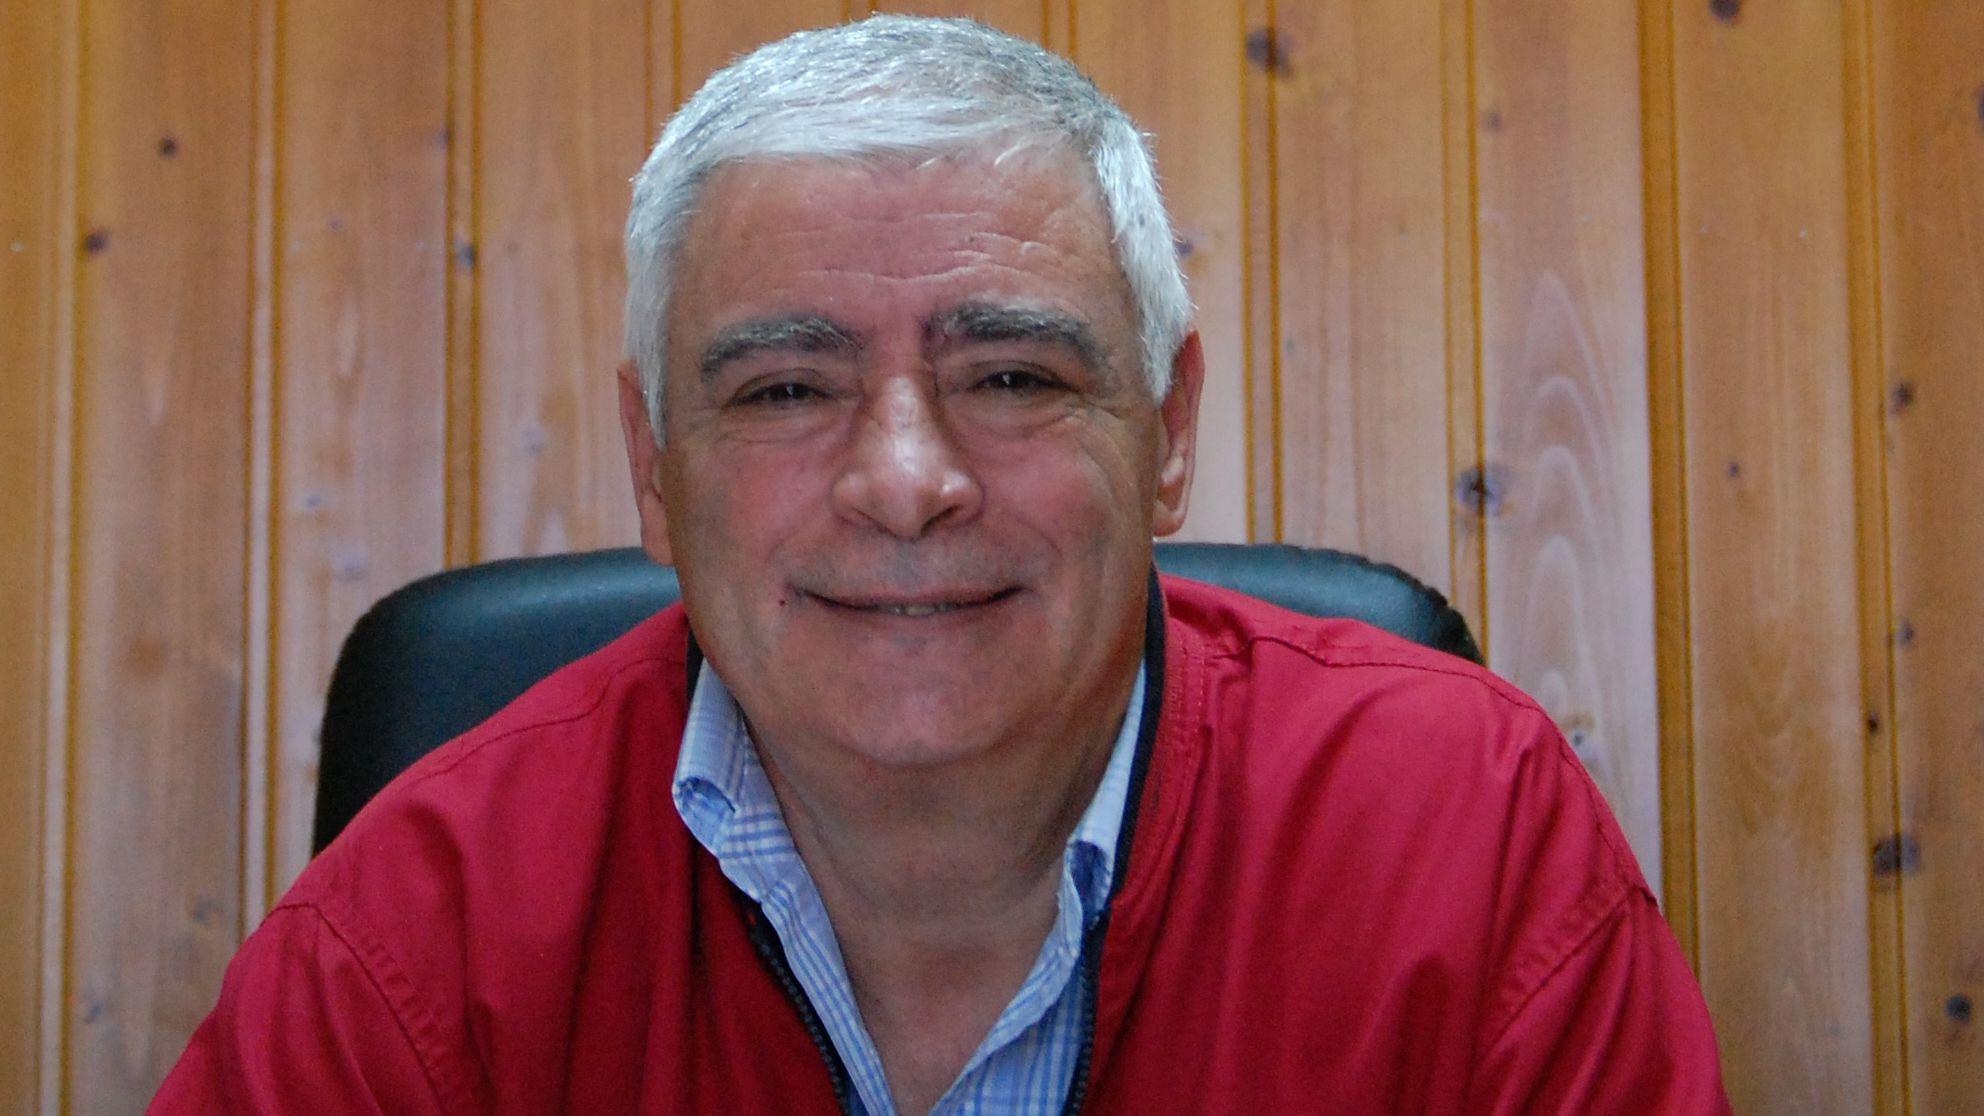 Comisaría de la Policía Nacional en Oviedo.Francisco Mena